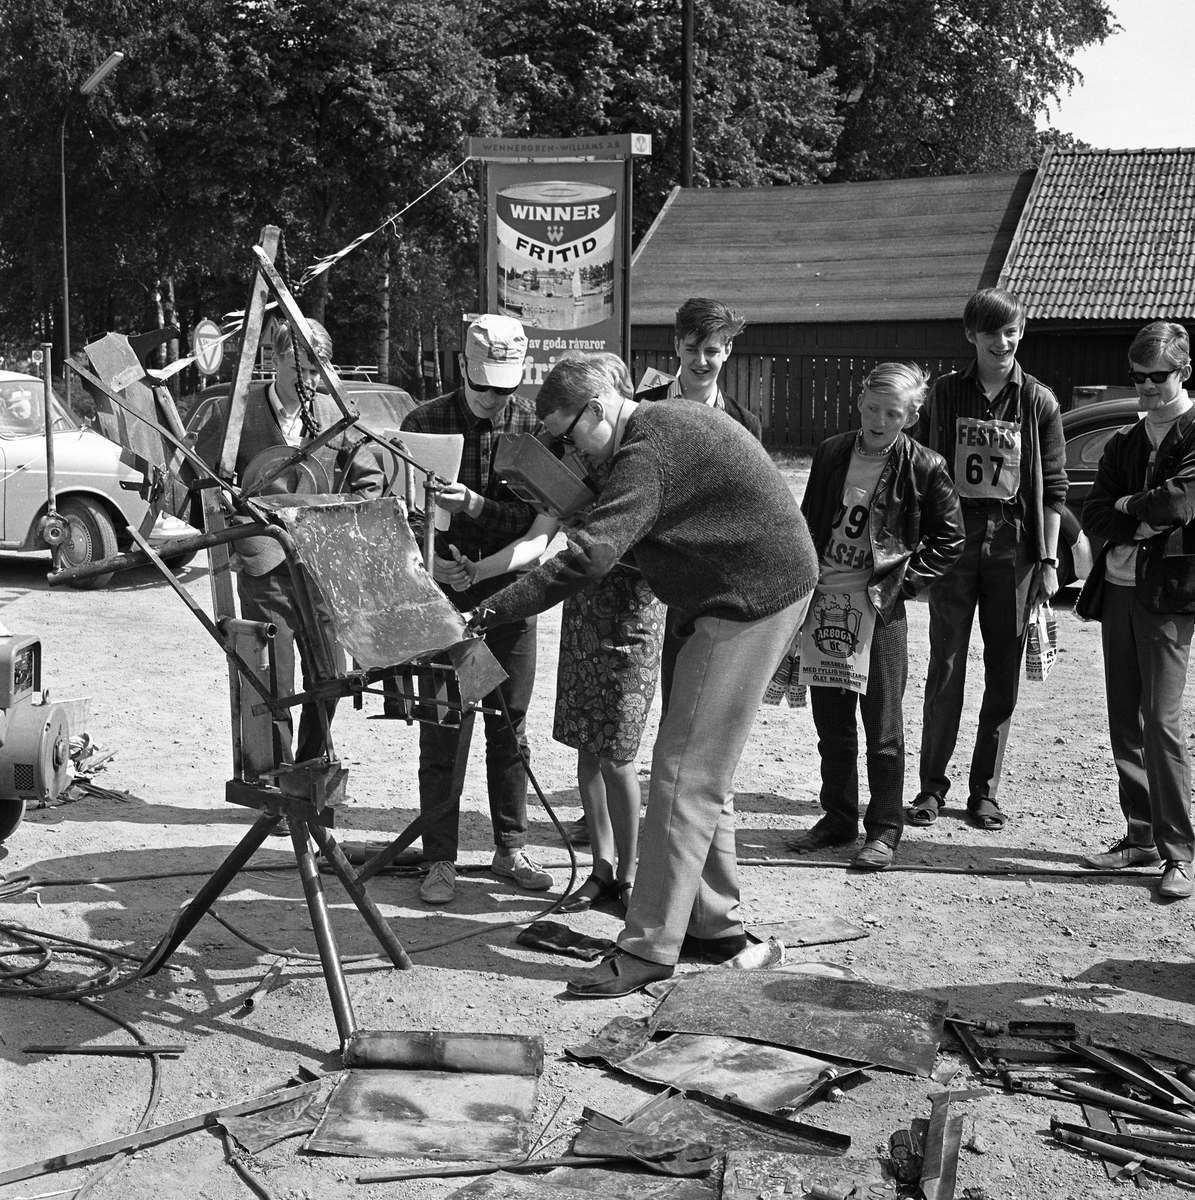 """Arboga Tekniska skola. Äldre elever har hittat på en besvärlig uppgift till nykomlingarna. """"Skändning"""" kallas det. En grupp ungdomar är samlade utomhus. Någon svetsar. Bilar i bakgrunden. Längst till höger står Per Bengtsson."""